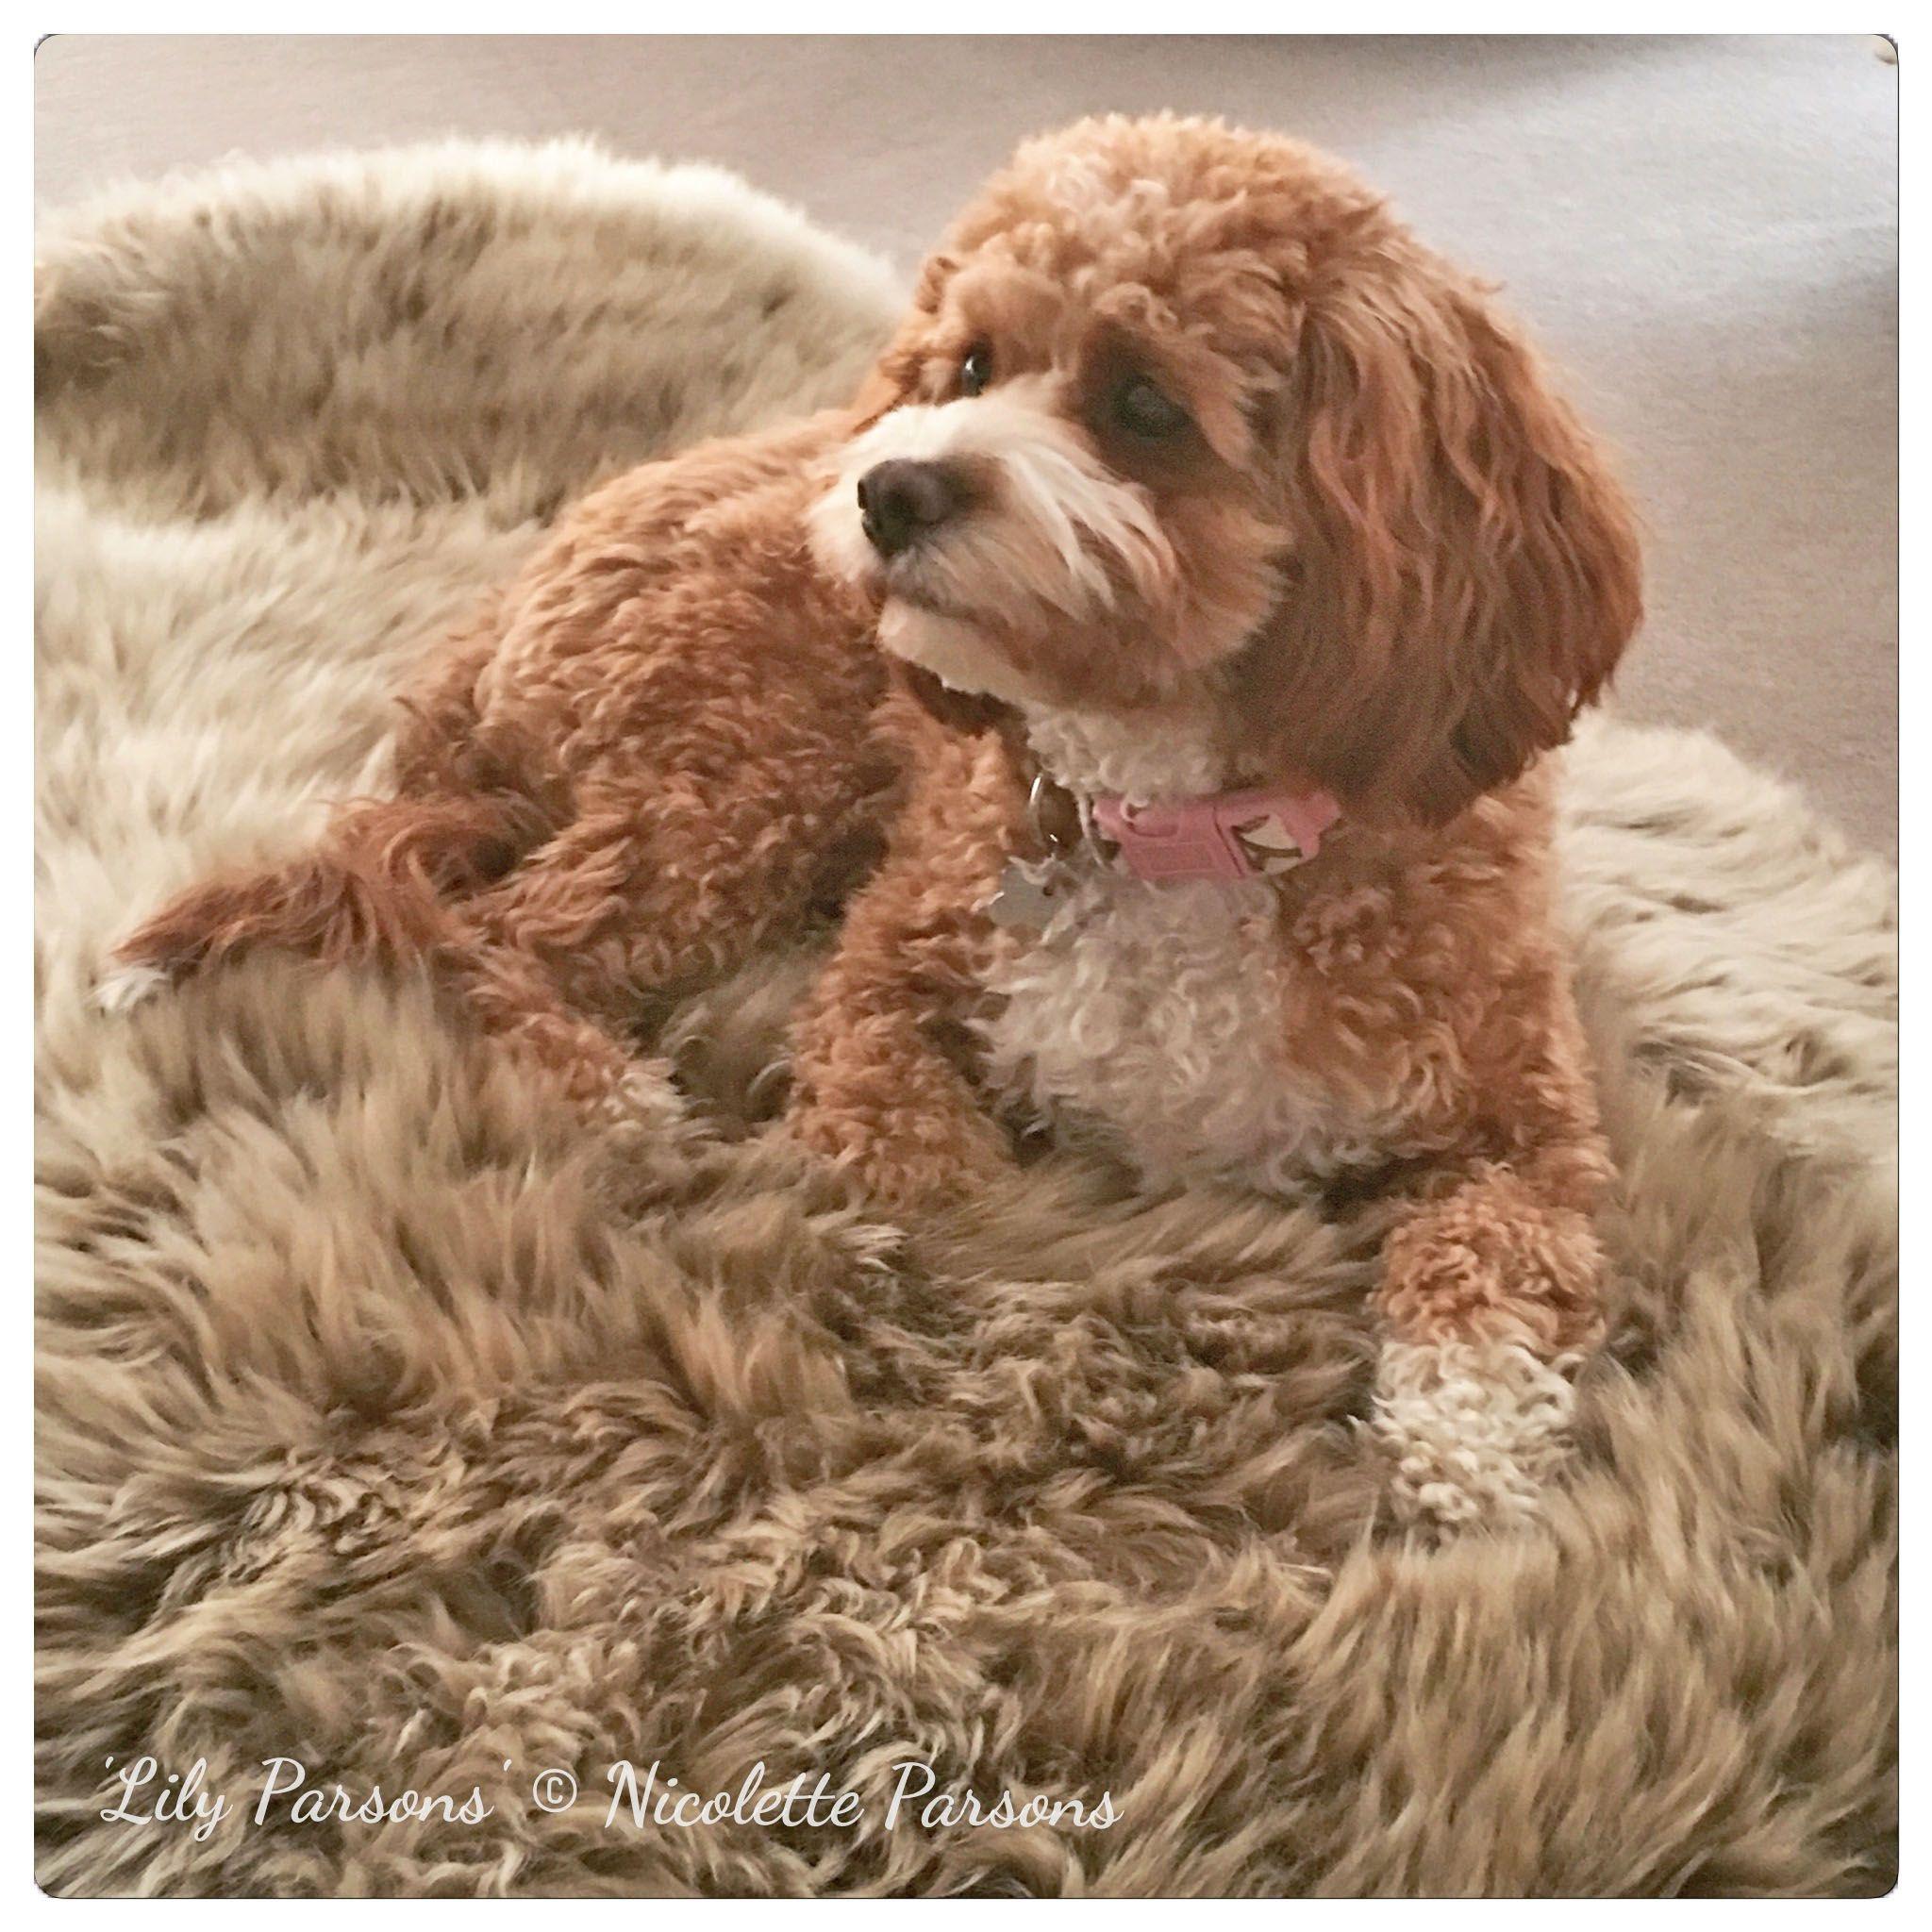 Cavoodle Puppies For Sale Puppies For Sale Puppies Dog Breeder